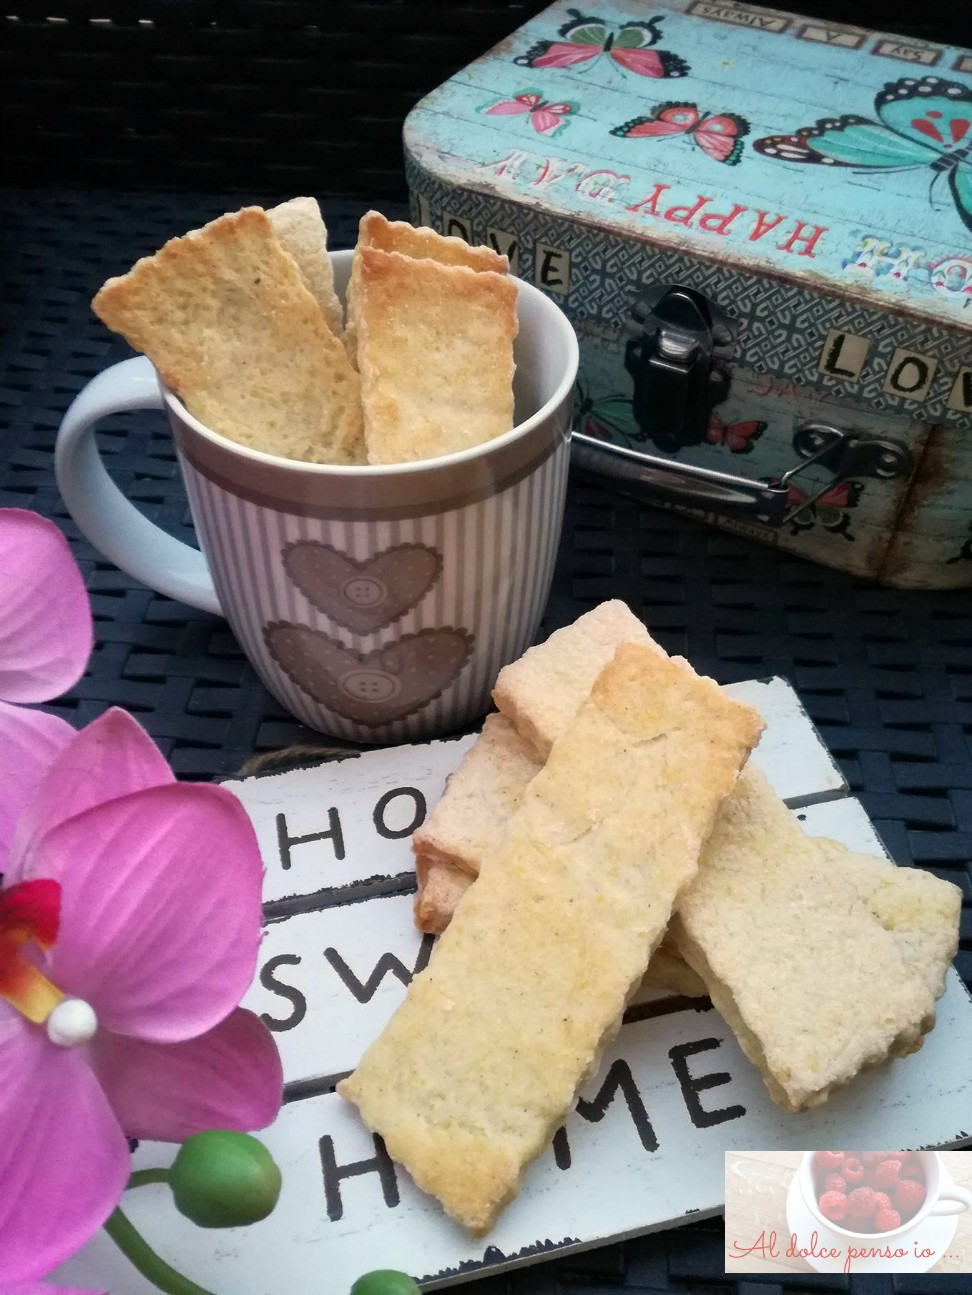 biscotti al mais e vaniglia: dei biscotti semplici ma davvero molto buoni